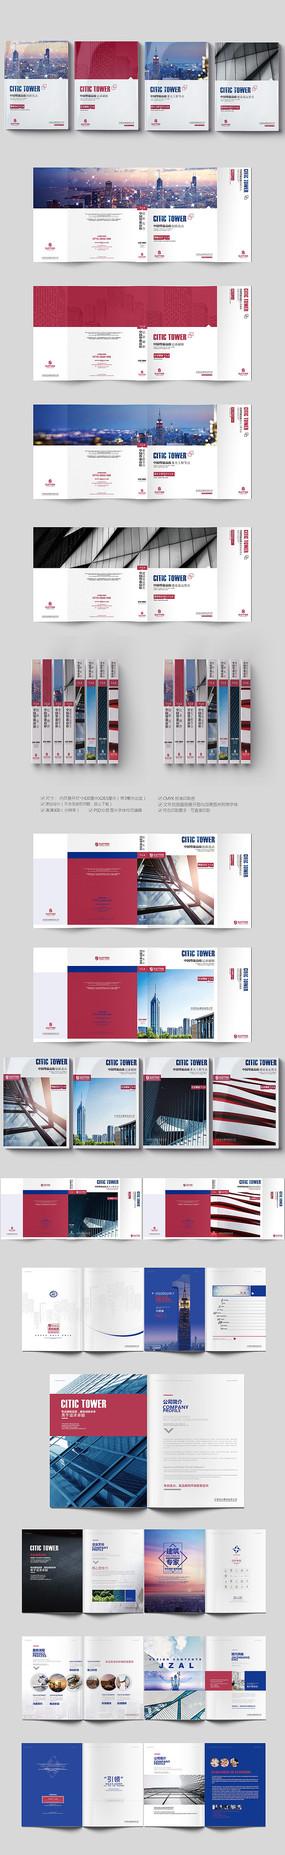 大气建筑画册模版设计